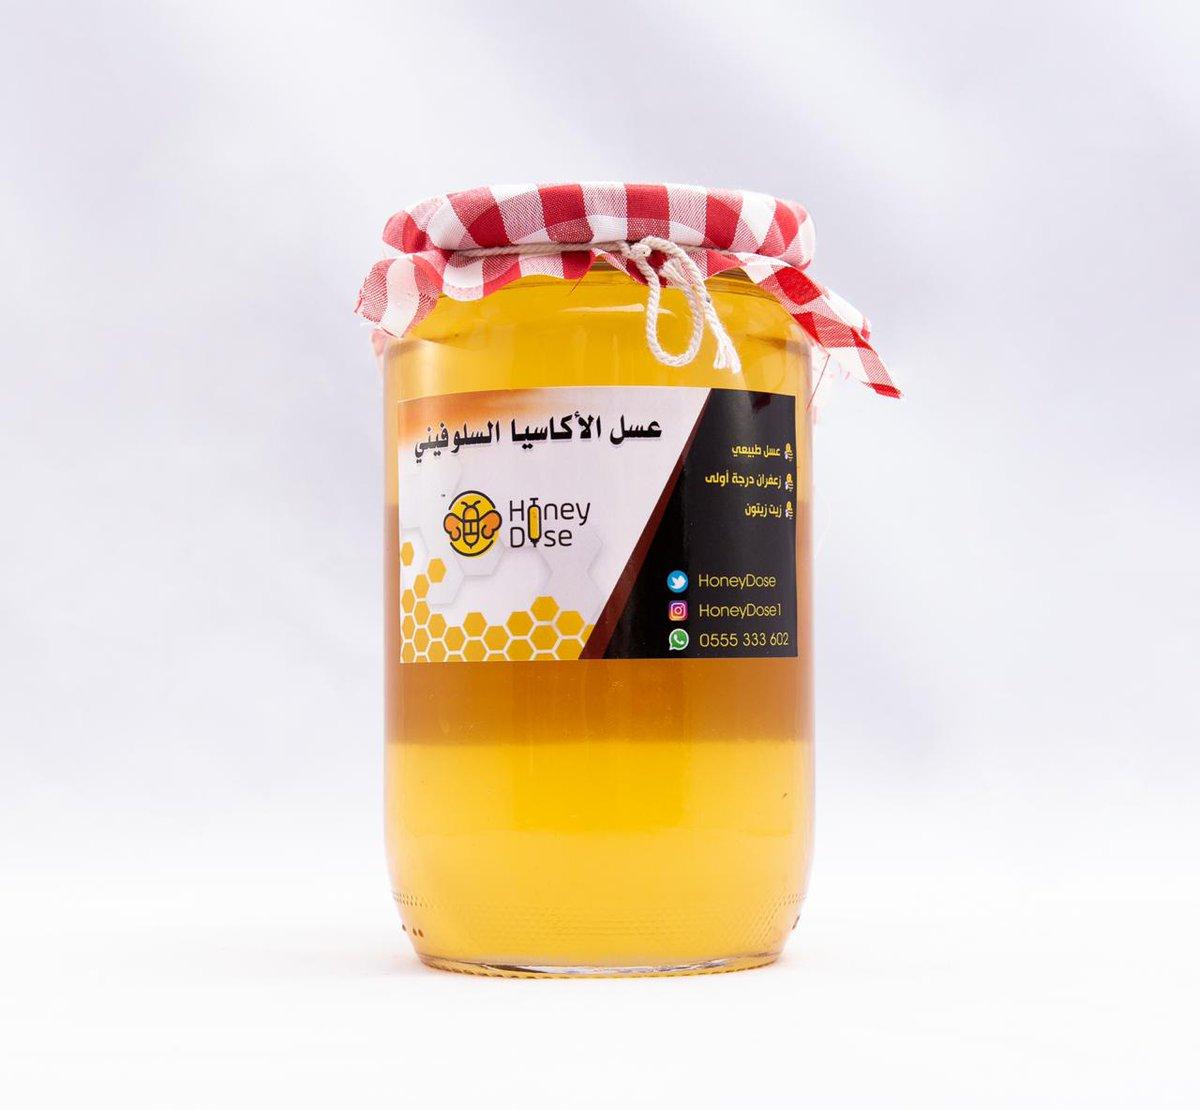 اللون الذهبي، والطعم اللذيذ محبب ومناسب للأطفال والبالغين 🍯❤  و يستخدم كـ محلي 😋 انه عسل الاكاسيا السلوفيني ❤ https://t.co/OeIRQdM1G2